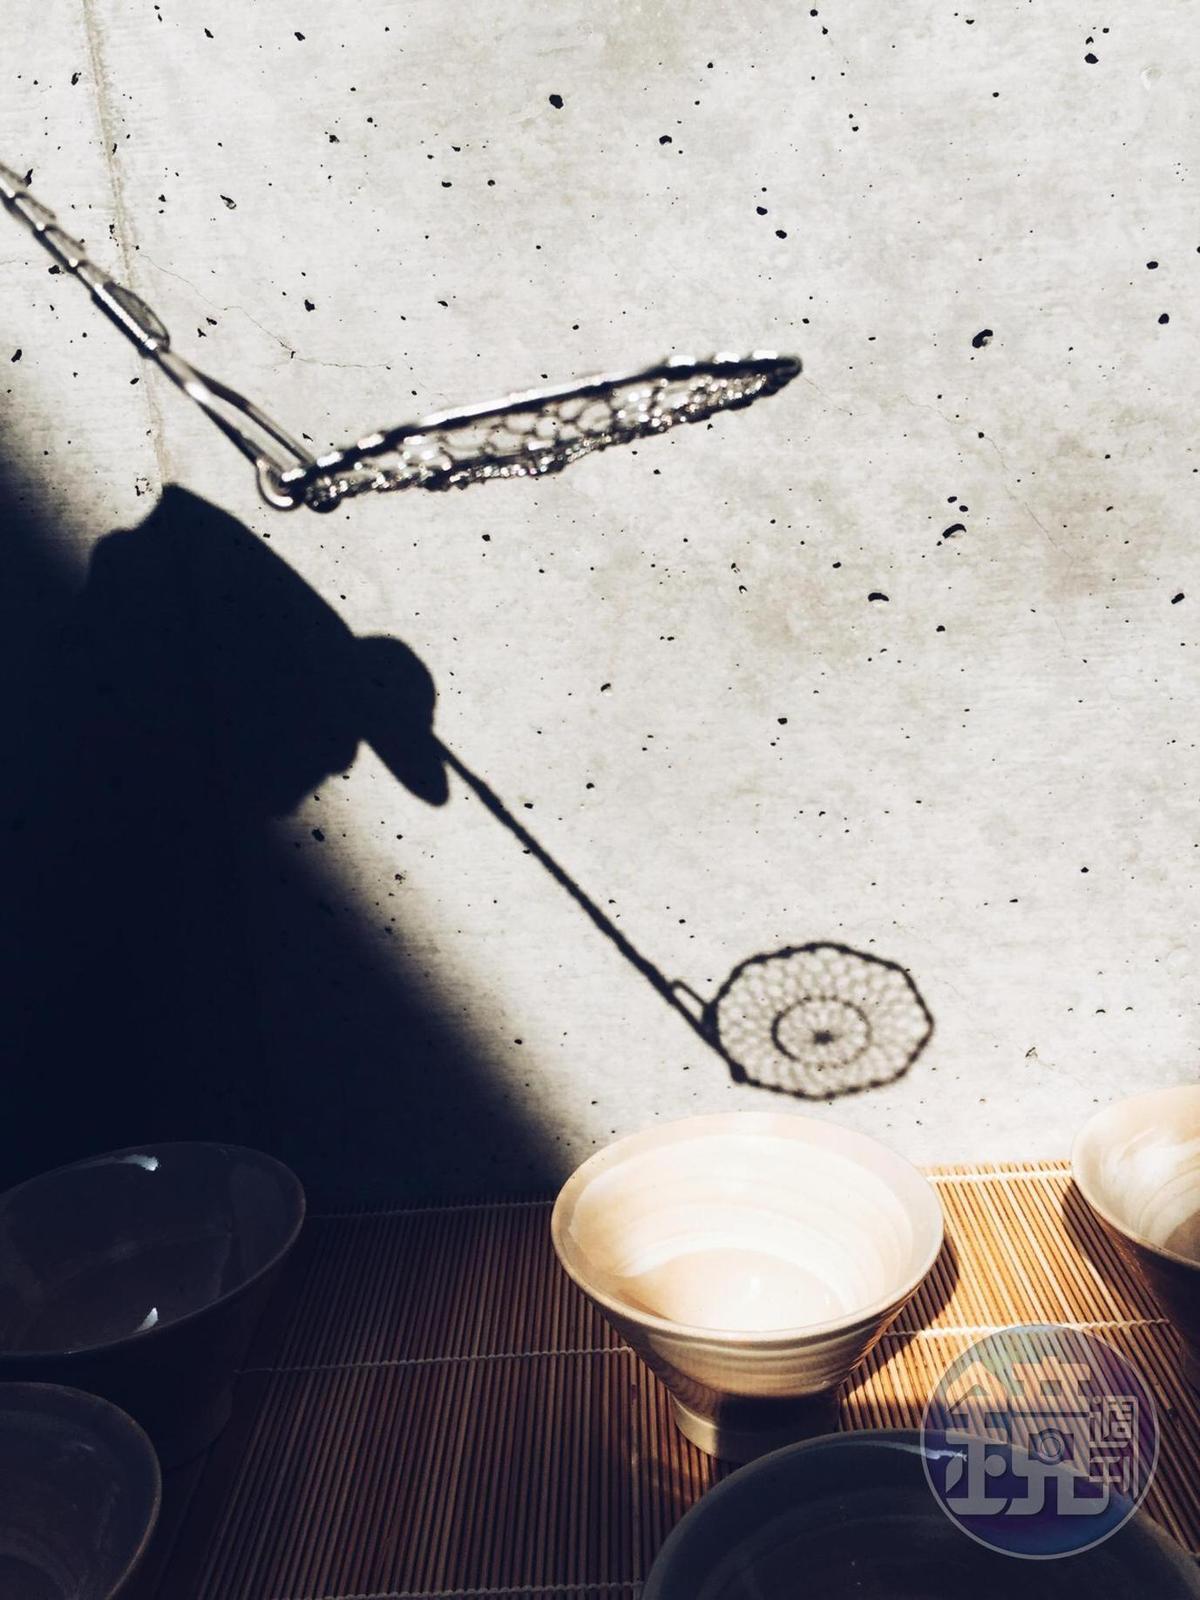 「金網つじ」火鍋專用的豆腐勺。